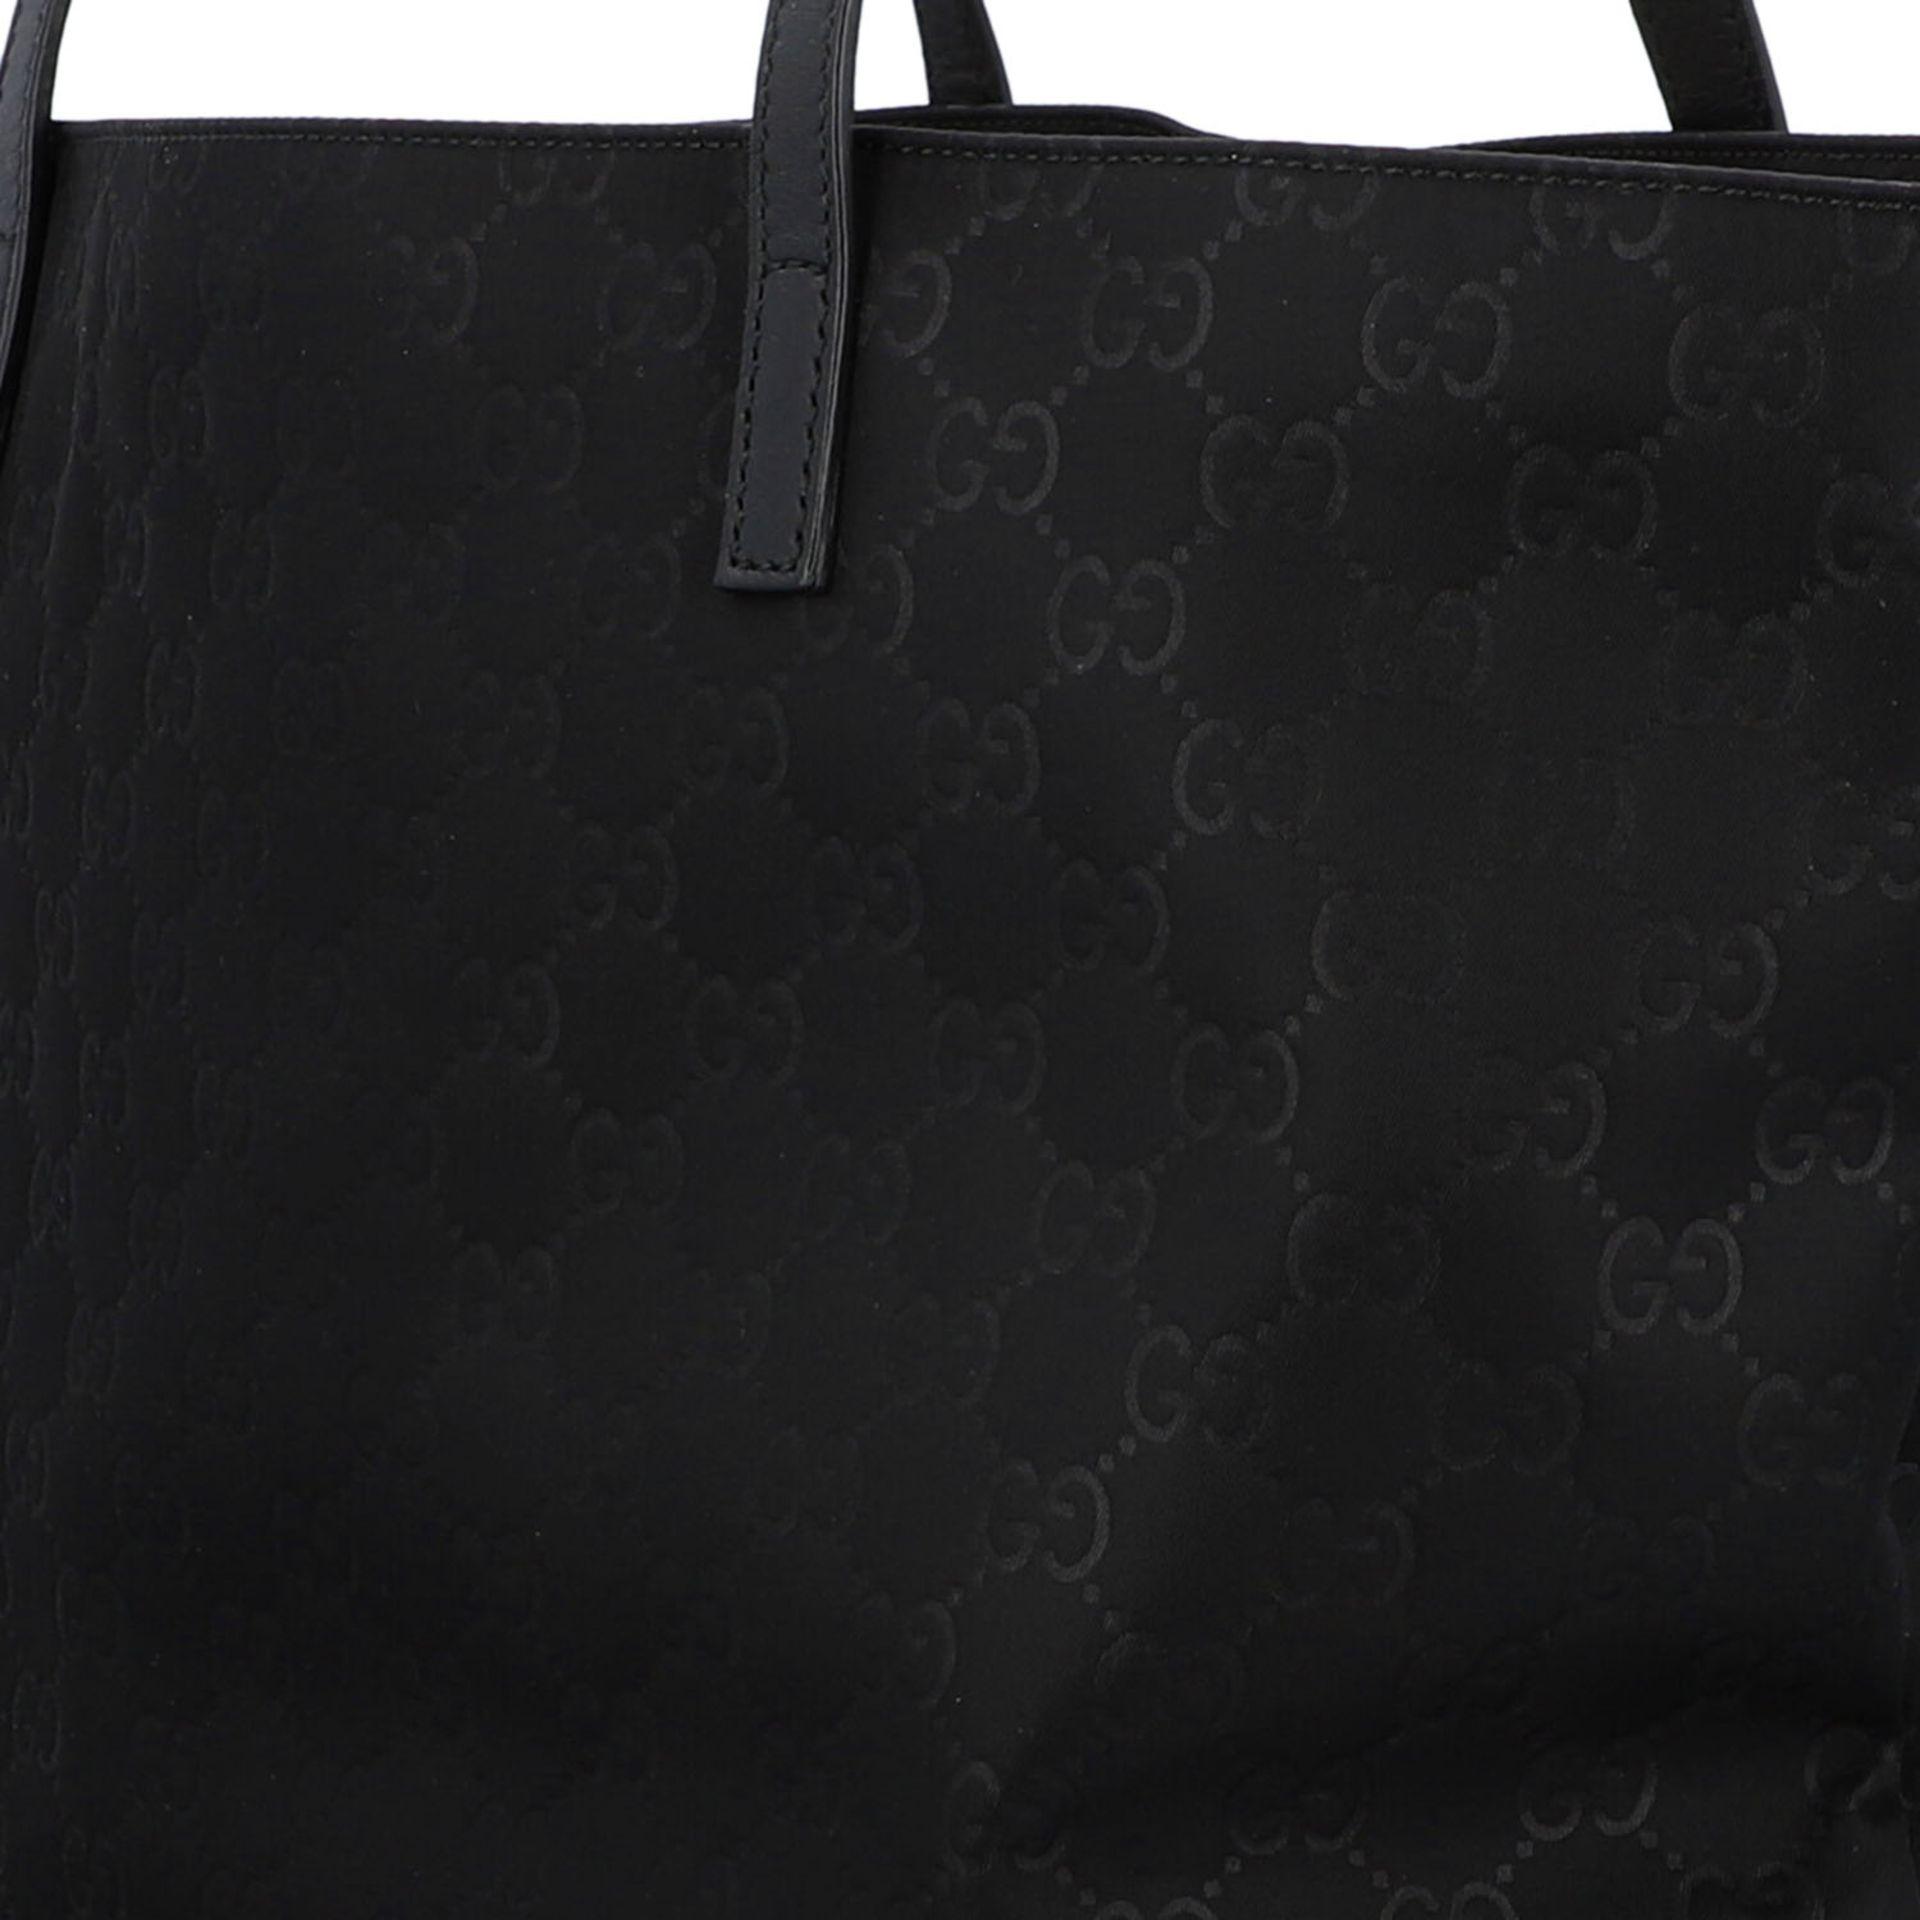 GUCCI Shoppertasche, NP. ca.: 1.000,-€. Textil in Schwarz mit GG-Supreme Muster und - Image 7 of 8